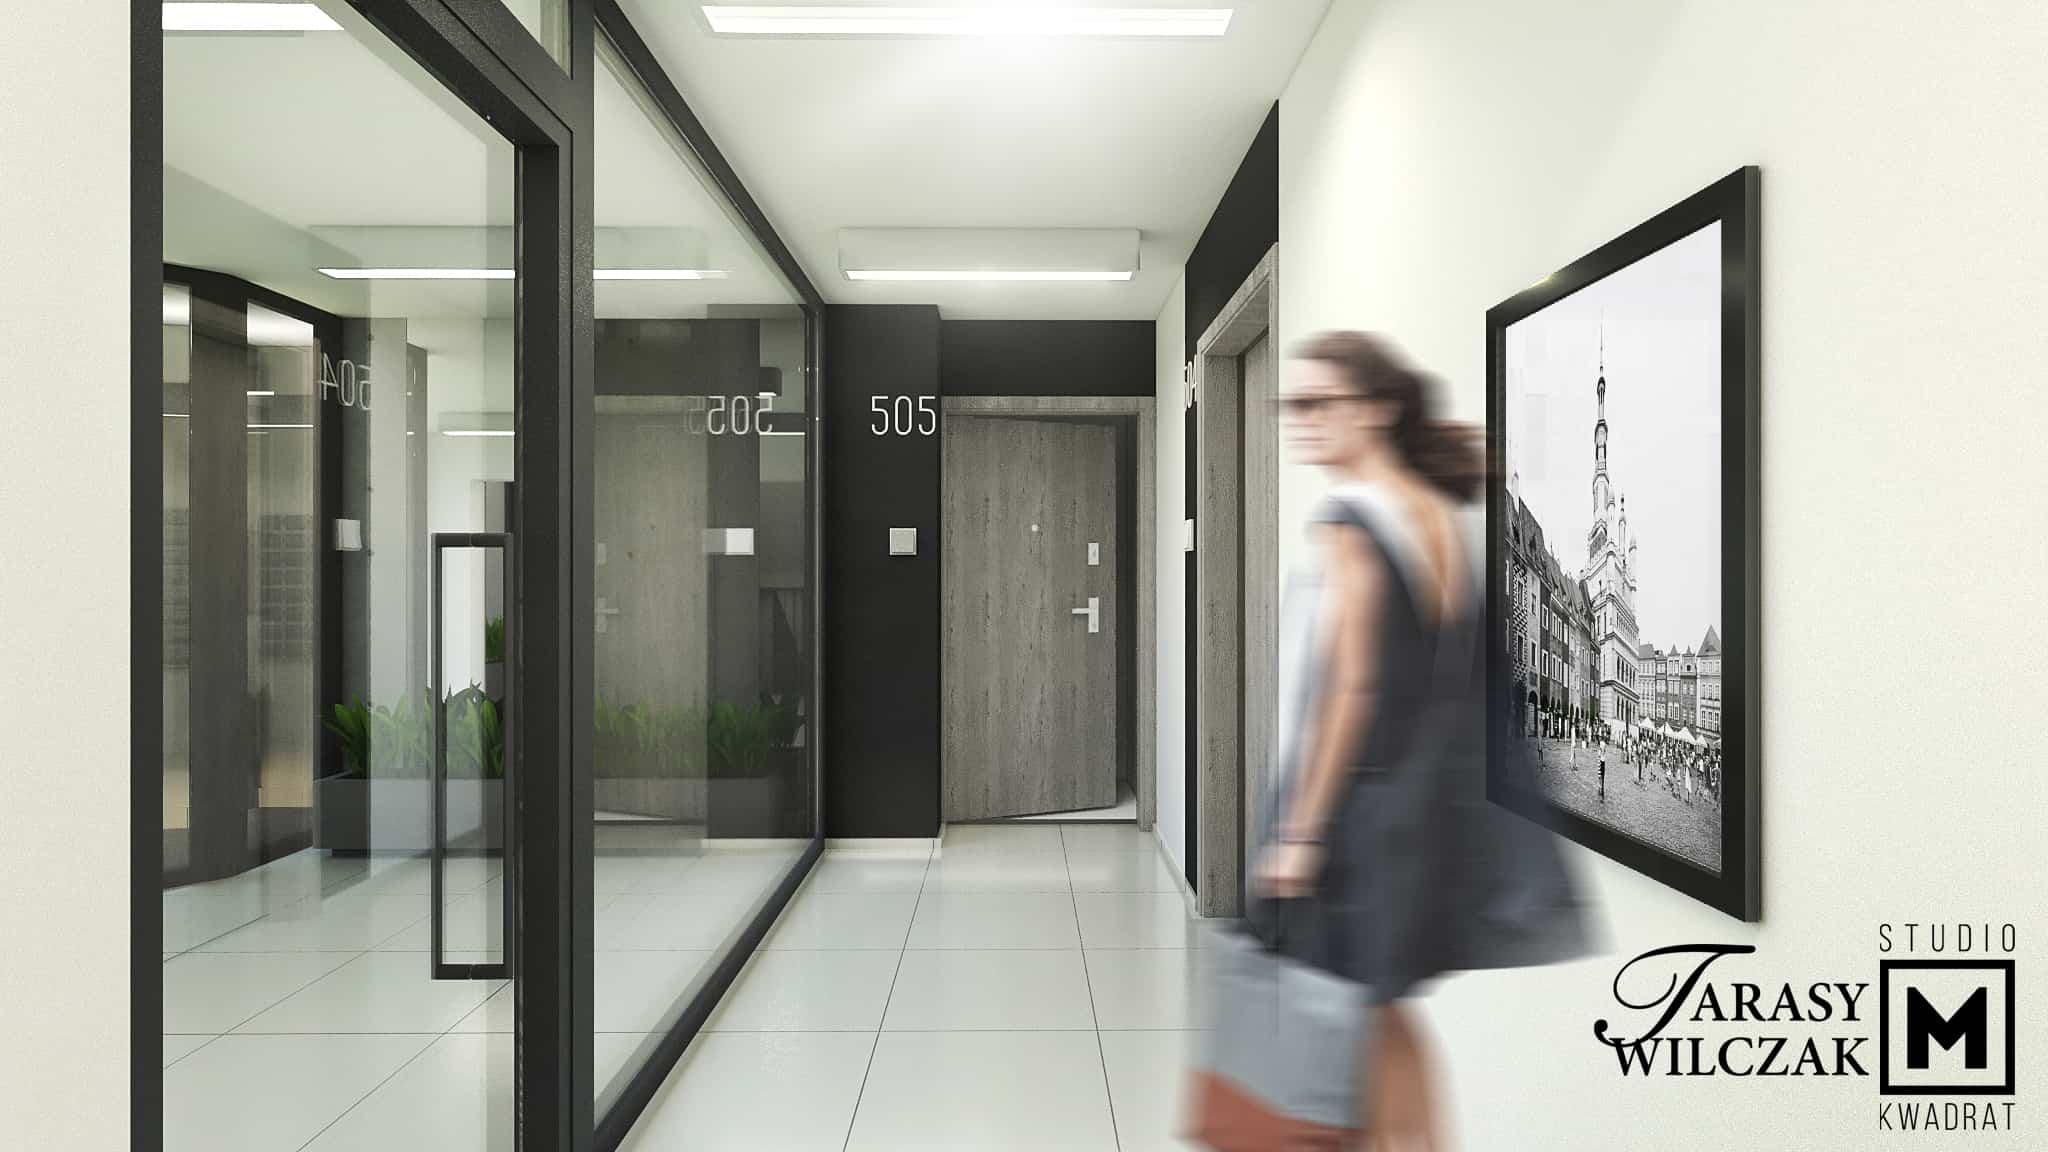 tarasy wilczak, projekt wnętrza przestrzeni wspólnej, korytarze klatki schodowe